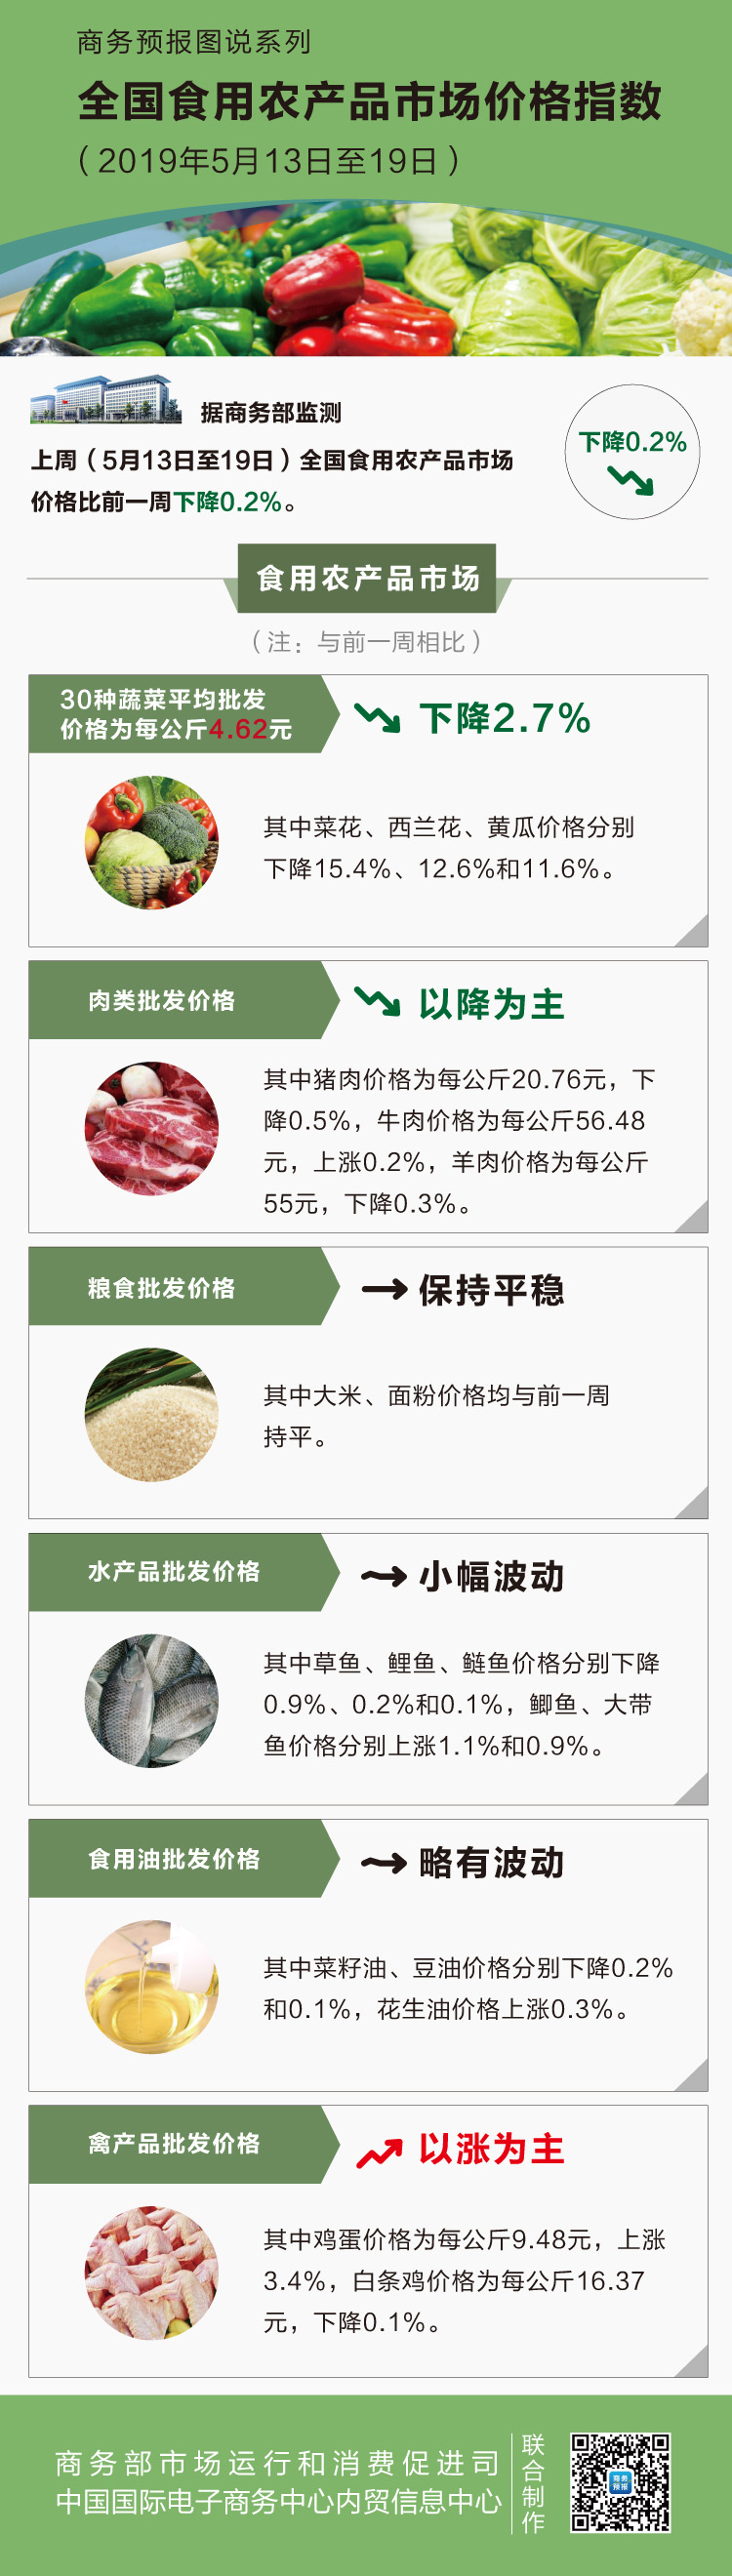 五月第三周食用农产品价格略有回落 菜花下降15.4%